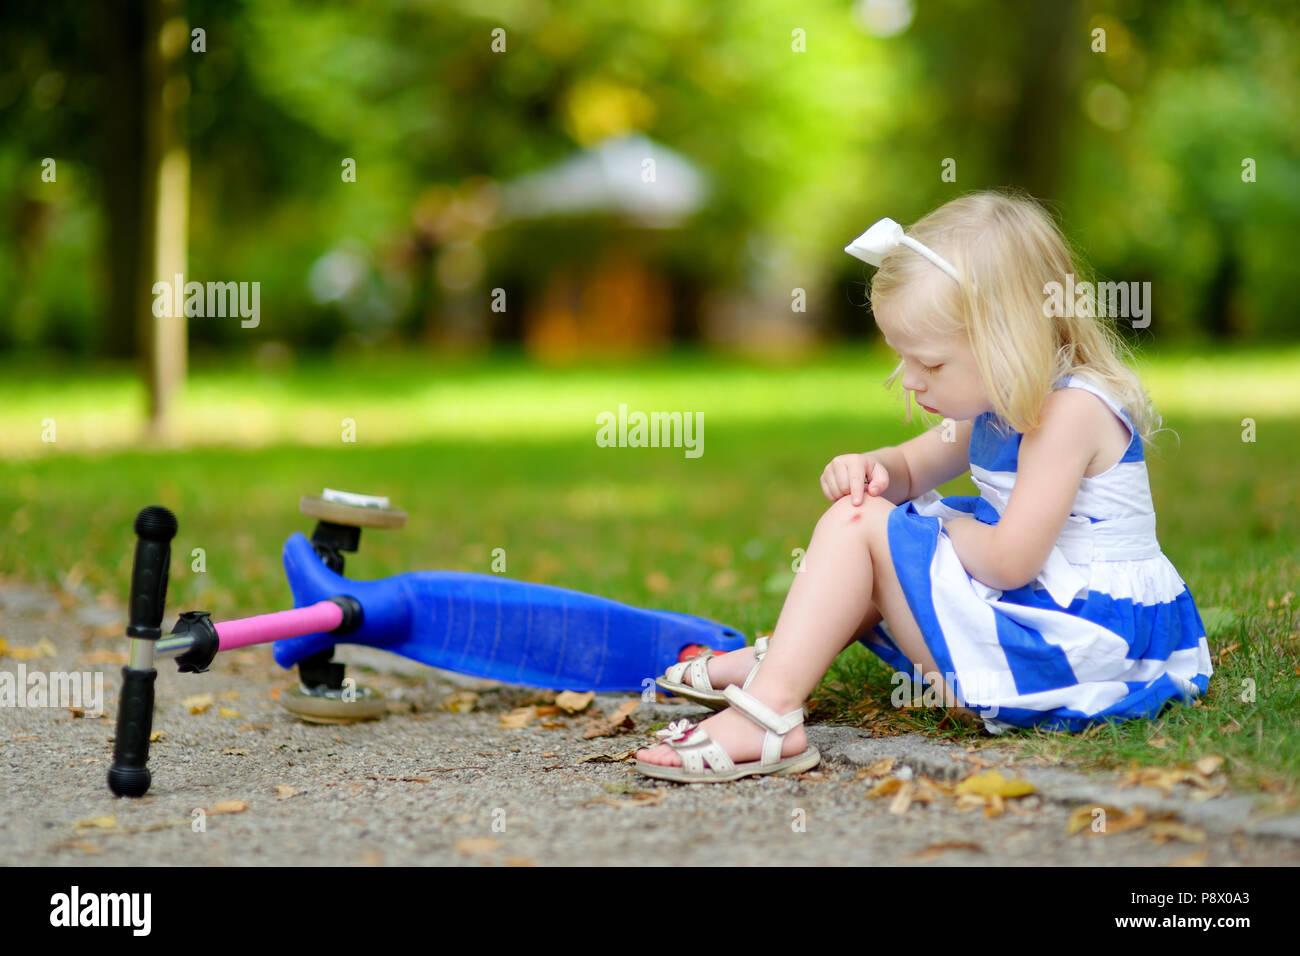 little girl sit ground